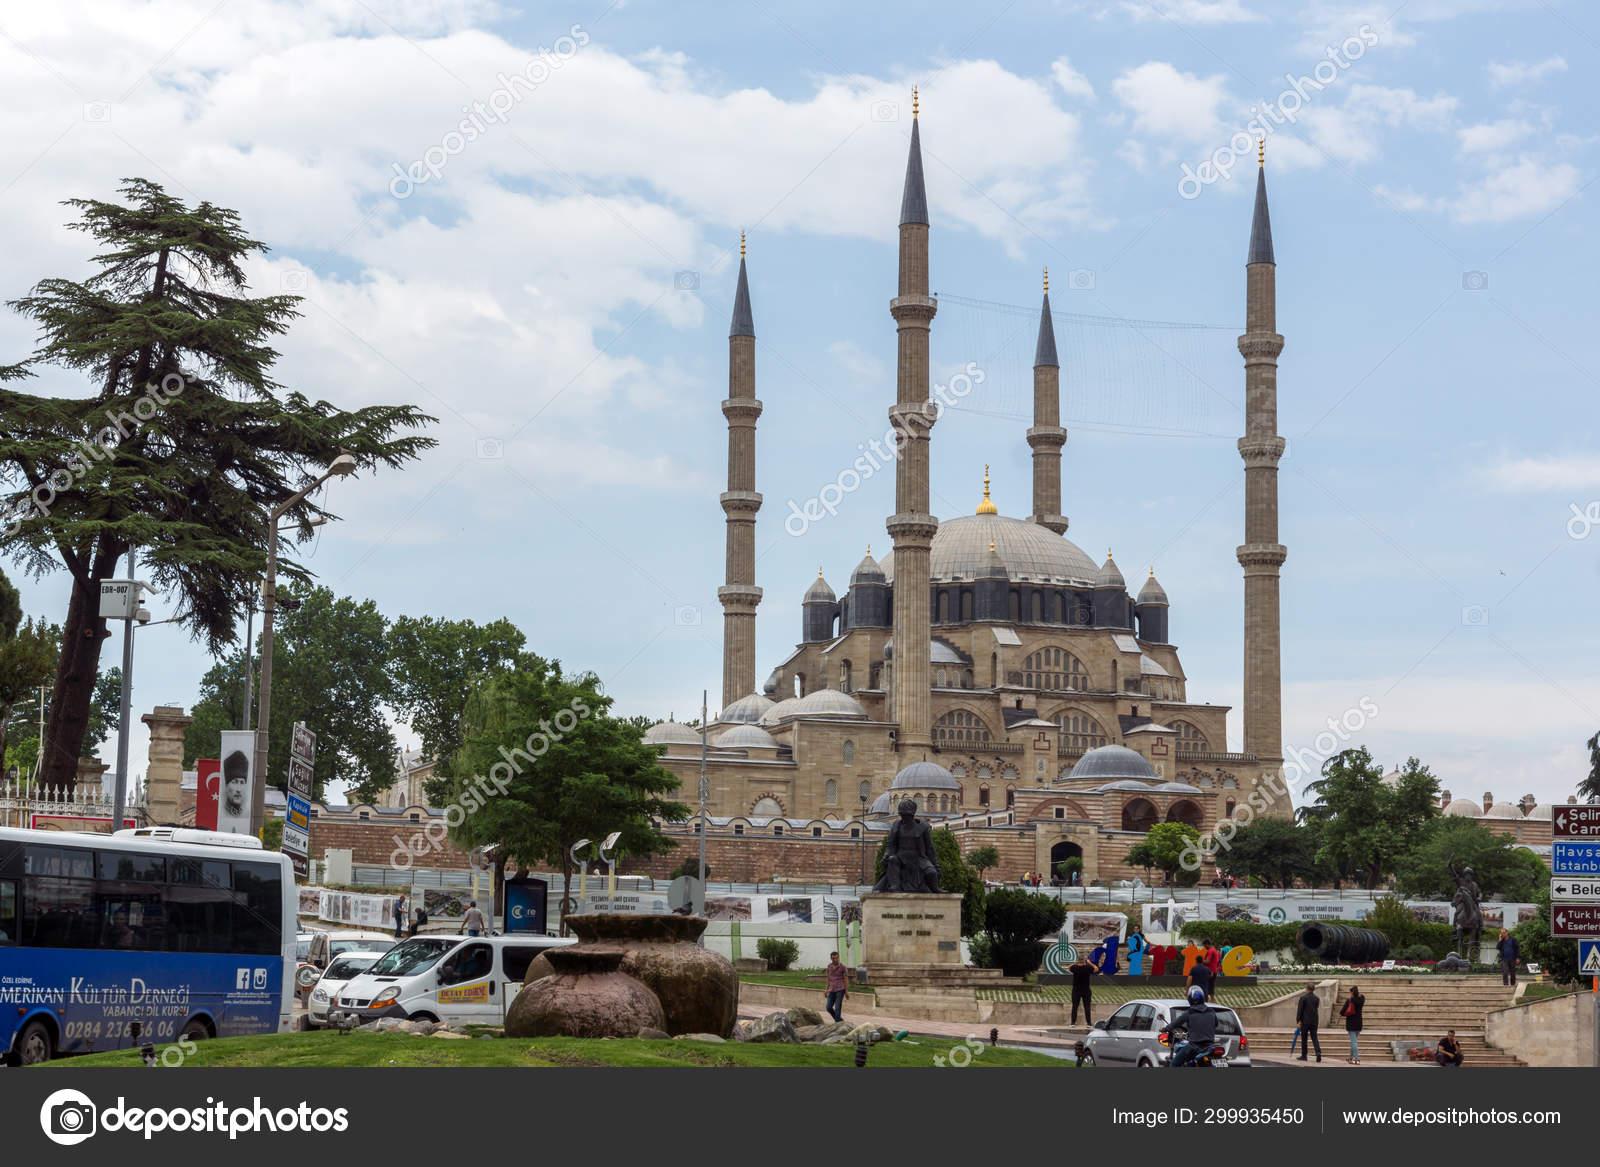 эдирне турция фото отель рядом с мечетью крид показал архивное